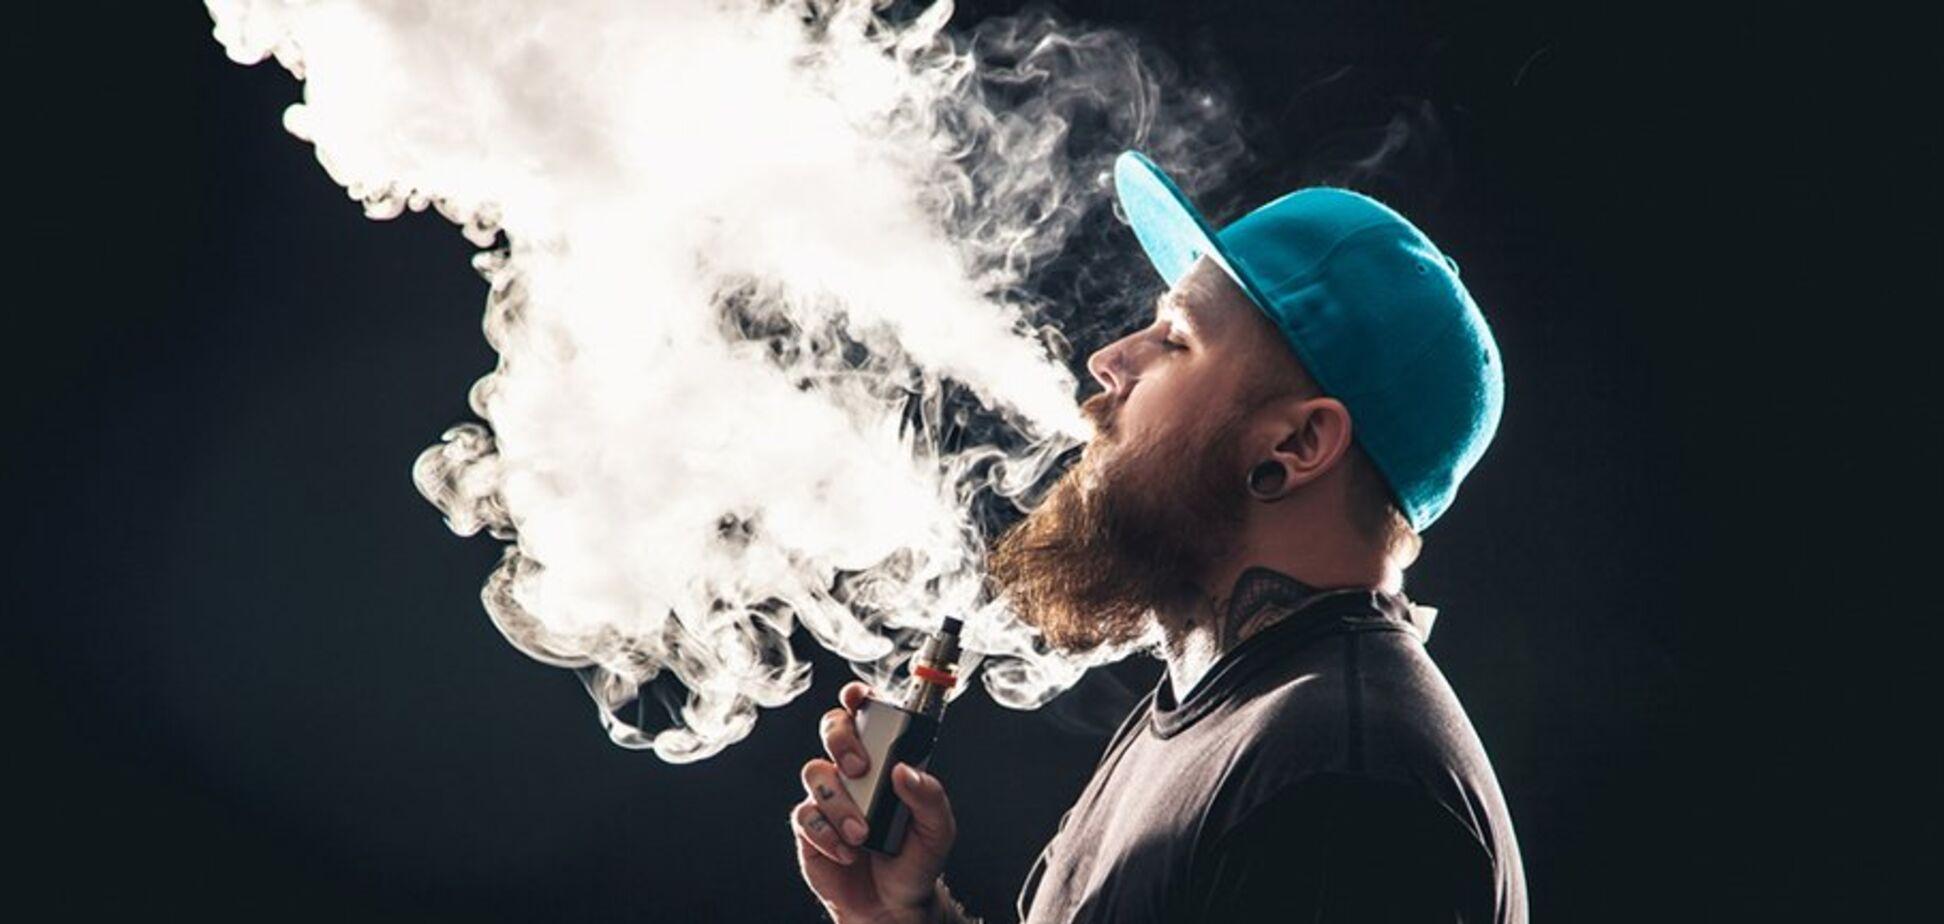 В США от электронных сигаретумерло 52 человека